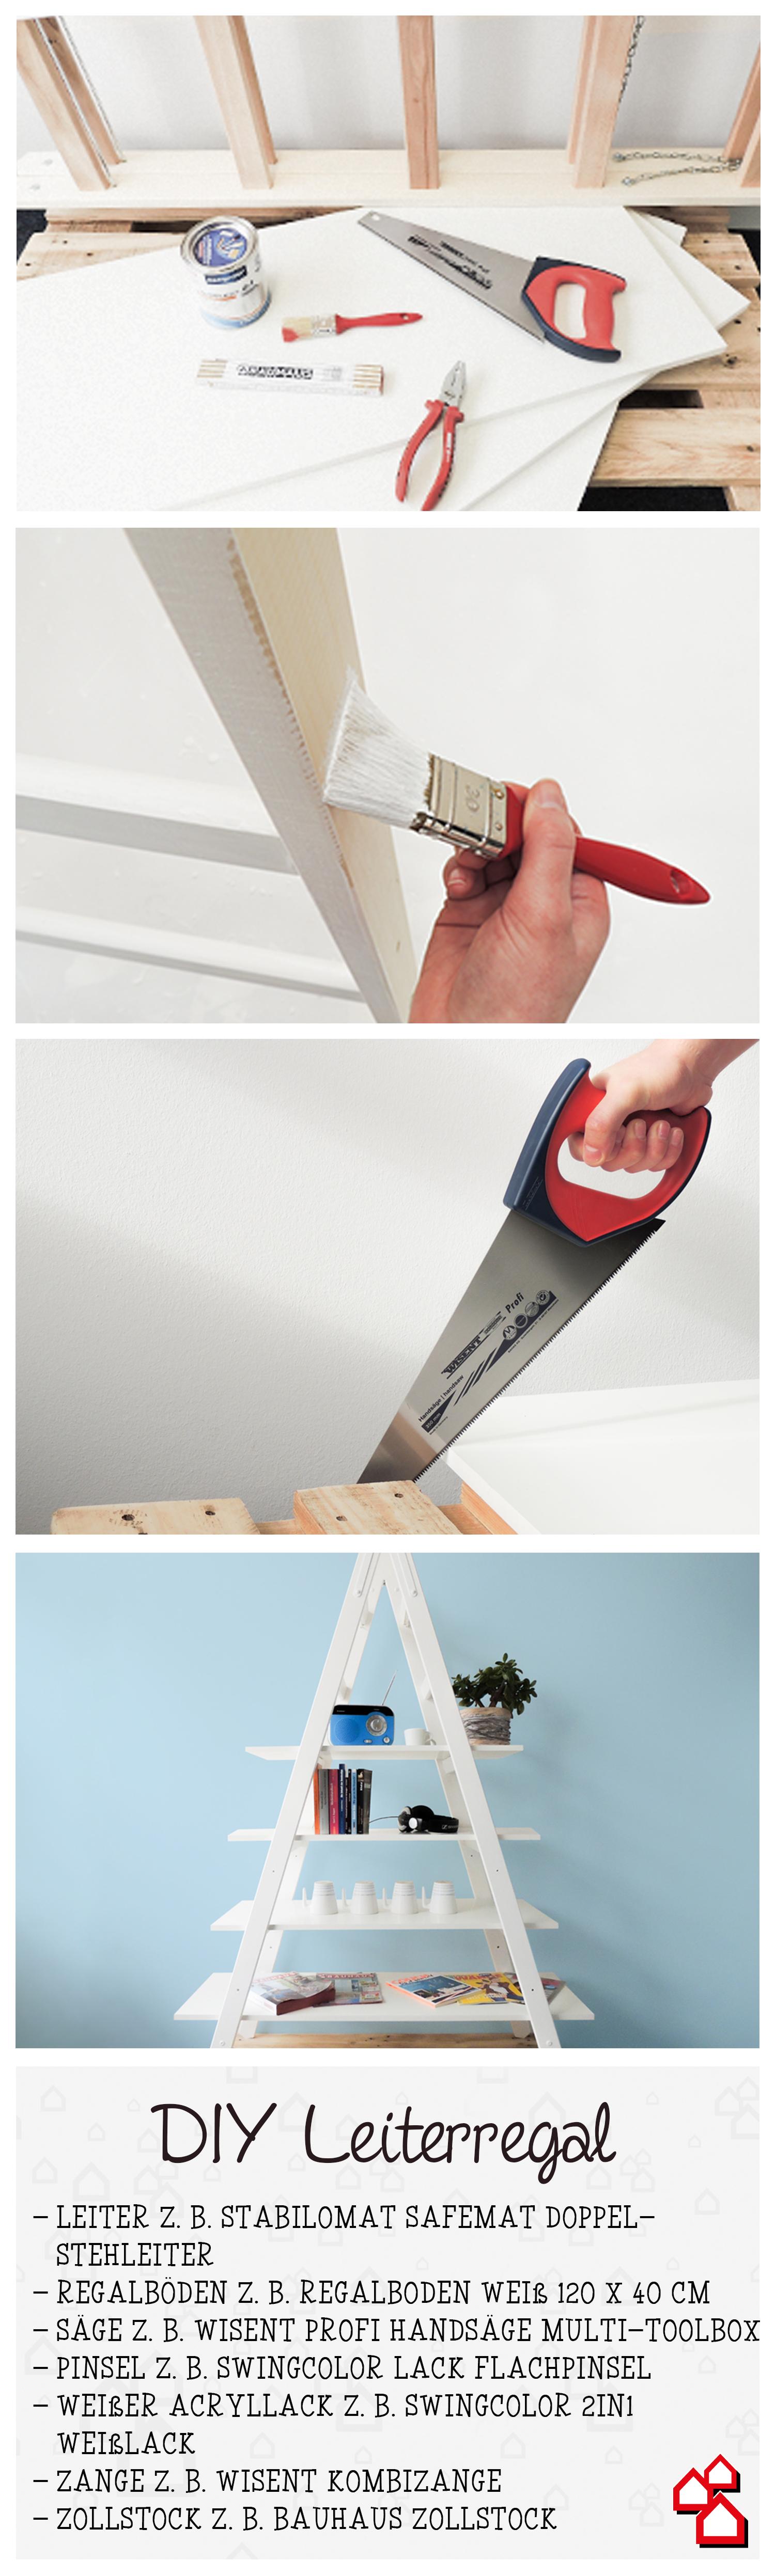 Safeline Sprossen Doppelleiter Arbeitshohe 3 M 2 X 6 Stufen Holz Leiterregal Buch Gestalten Buchregal